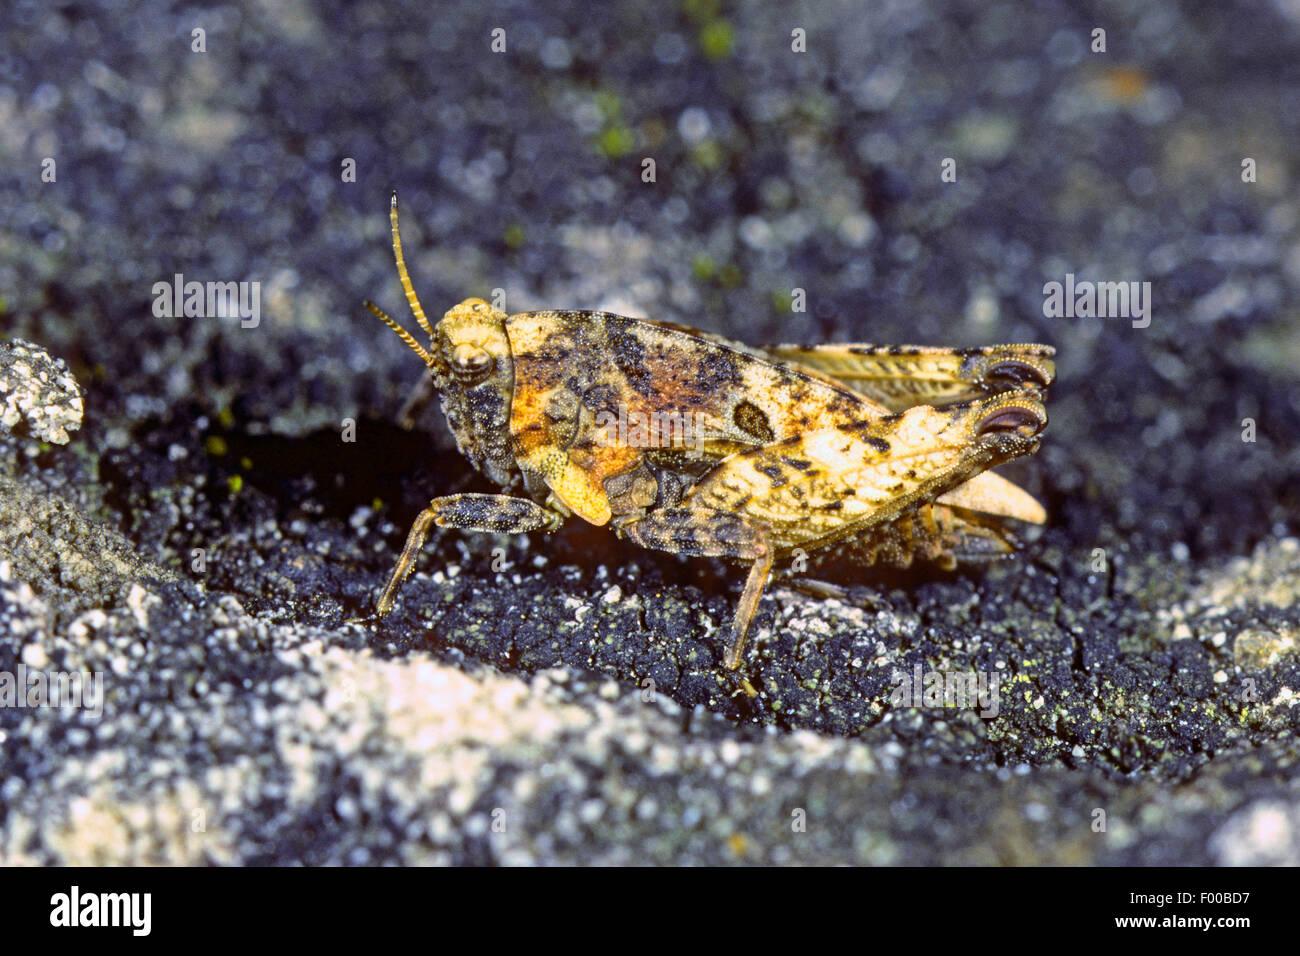 Twospotted groundhopper (Tetrix bipunctata), female, Germany - Stock Image